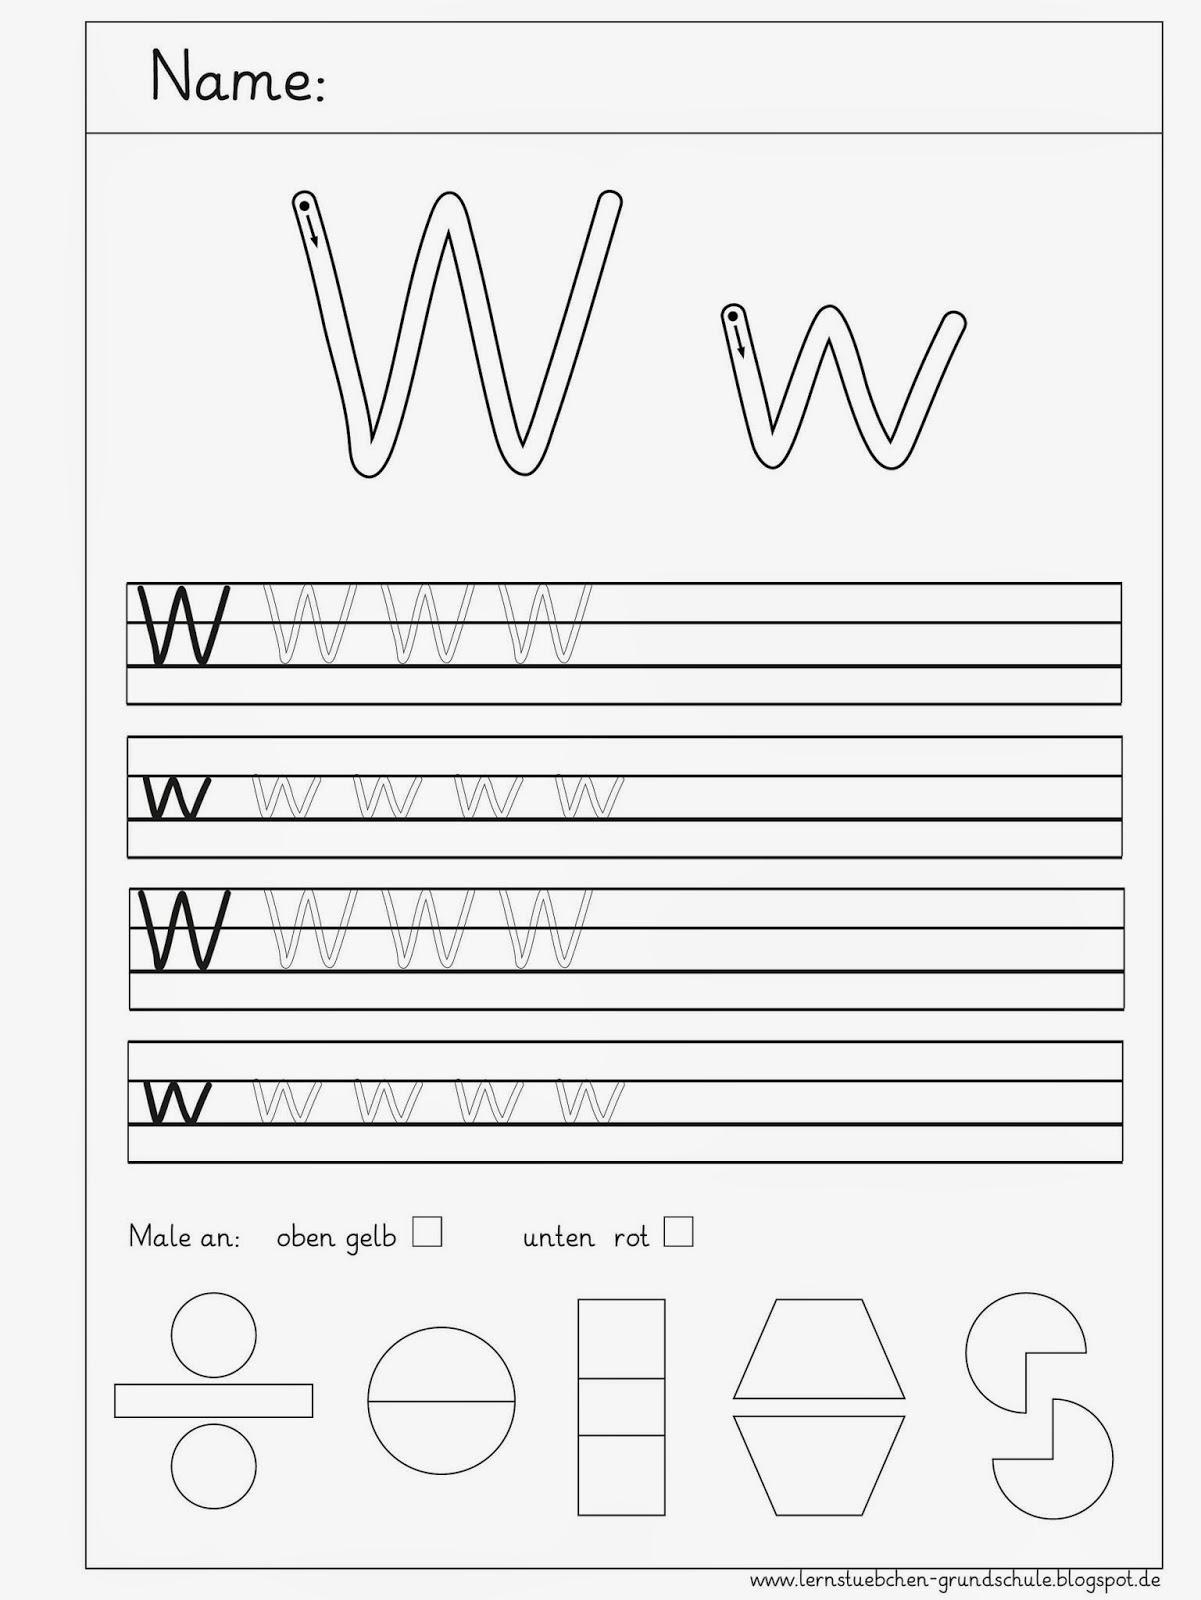 Lernstübchen: die Schreibblätter zum W - w